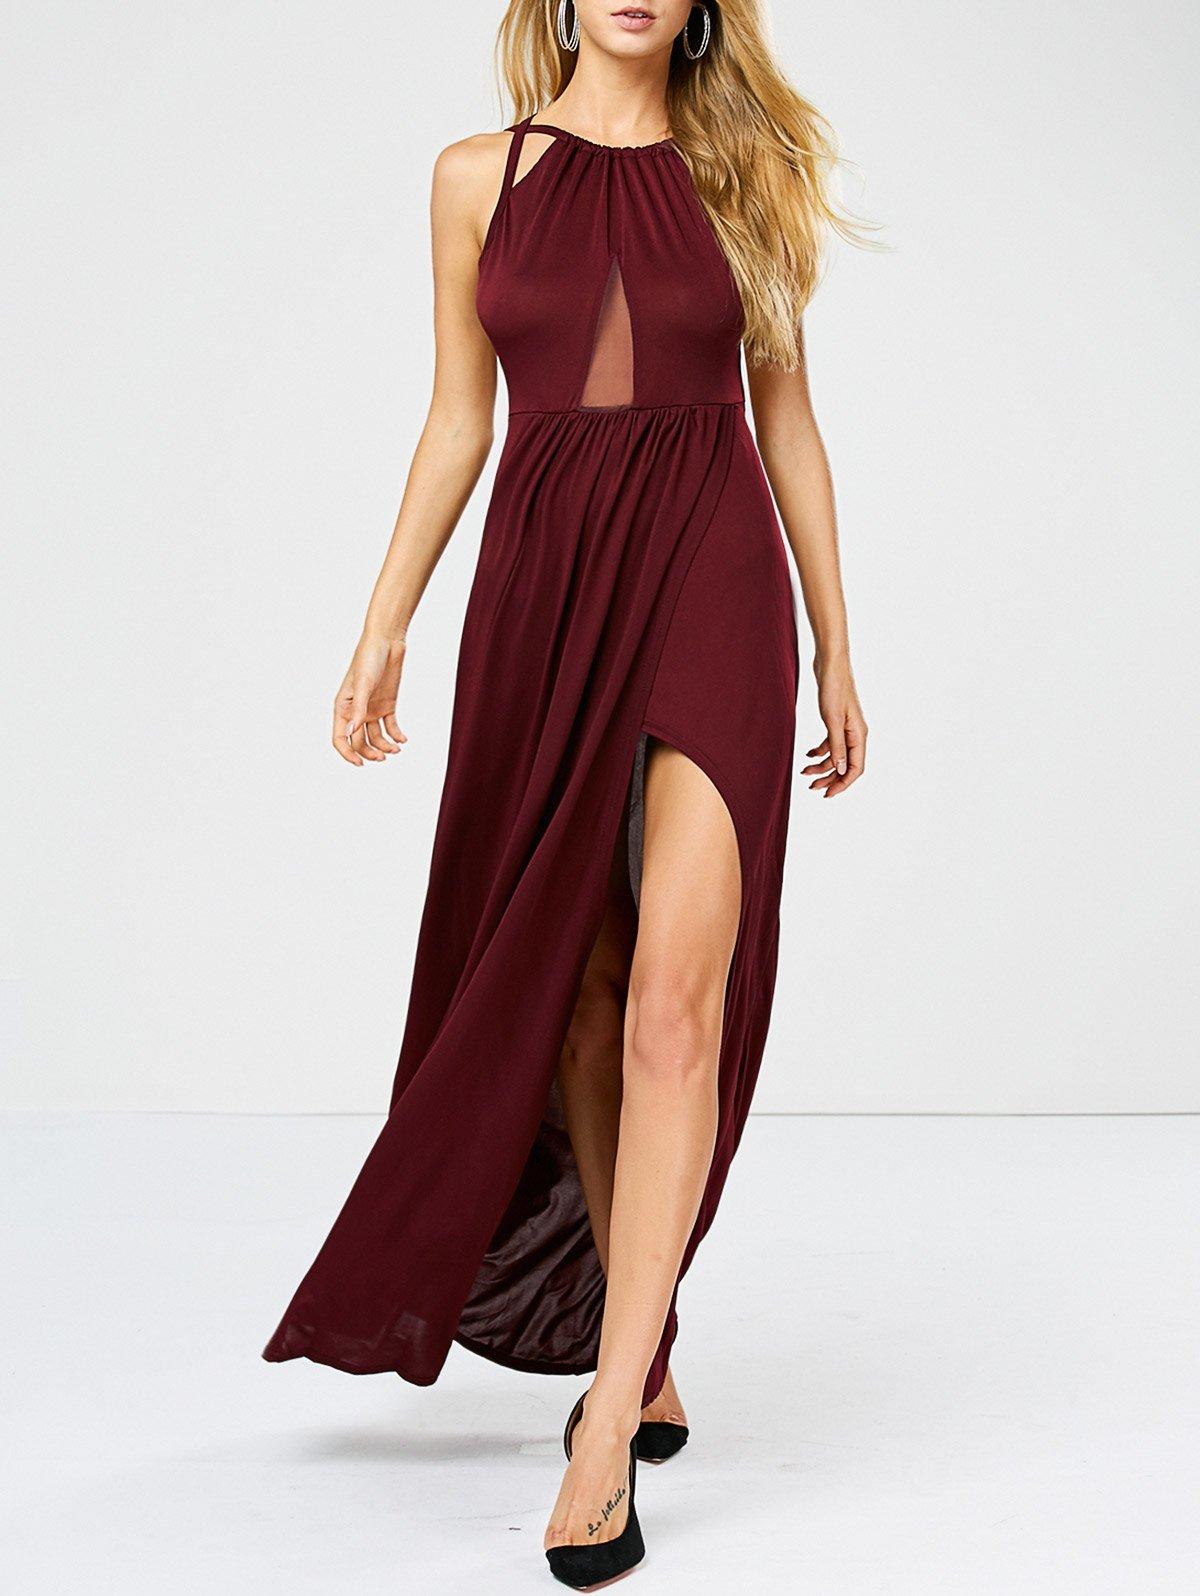 длинное платье с разрезом по ноге фото